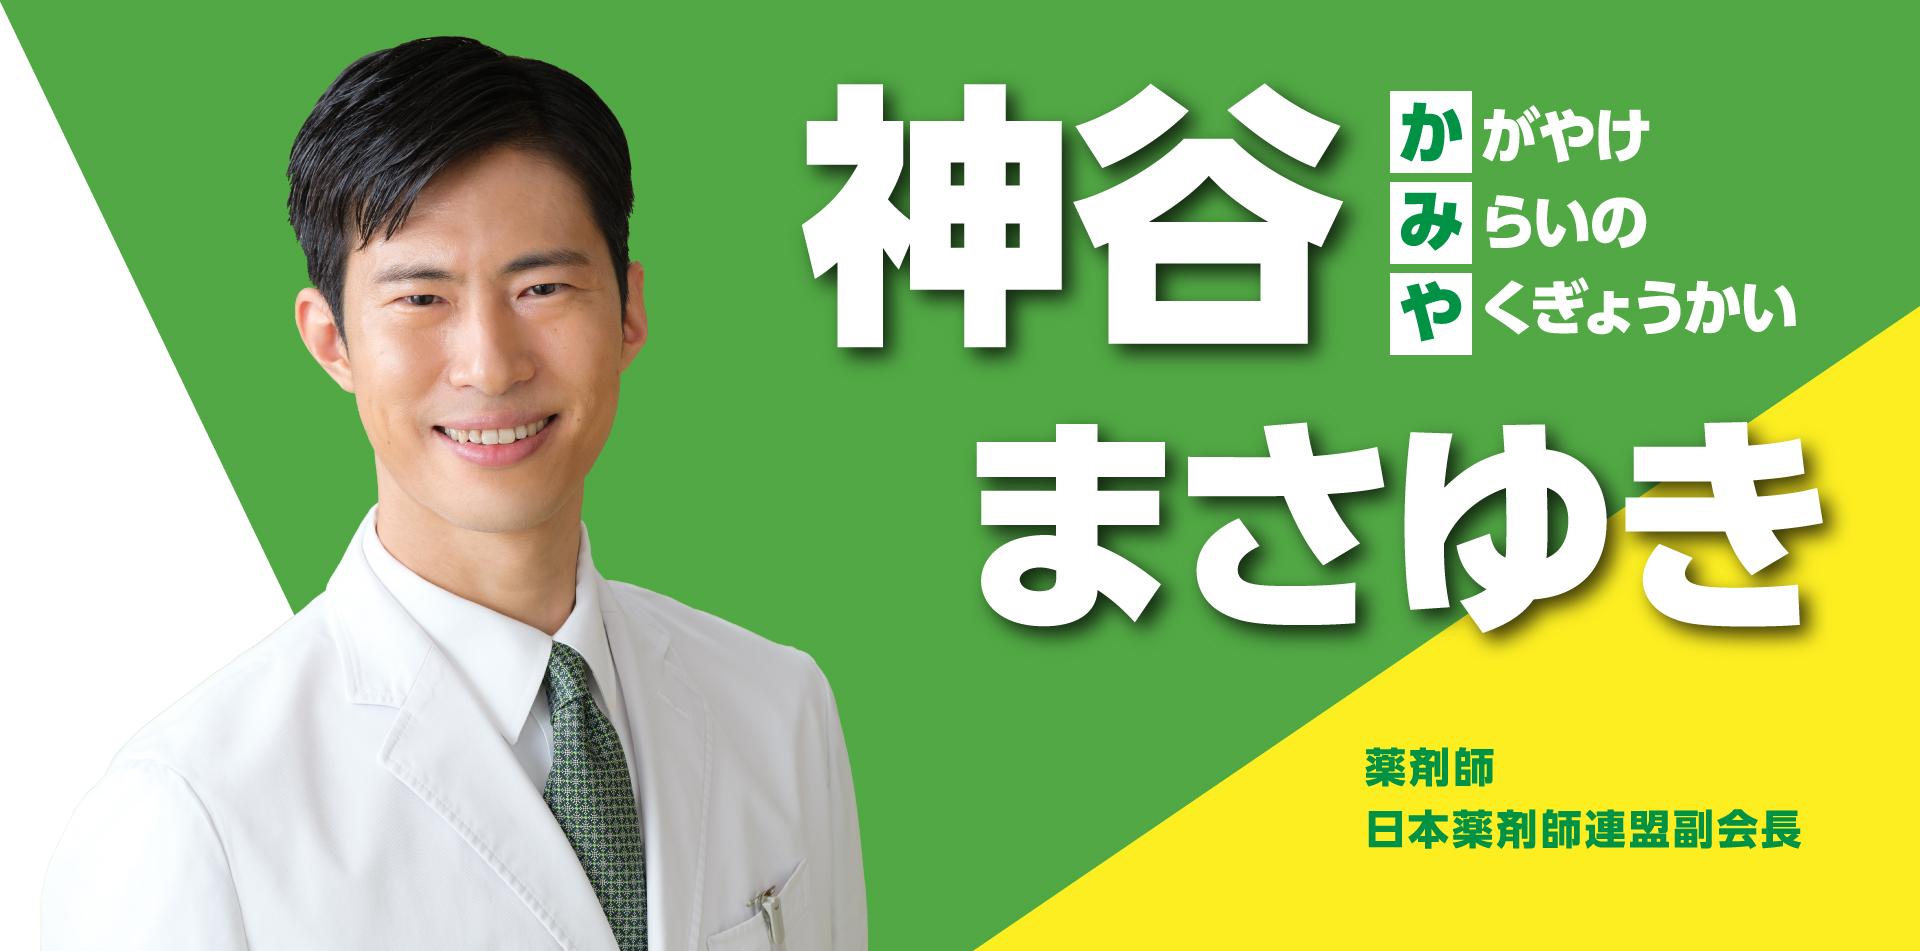 神谷まさゆき 薬剤師 日本薬剤師連盟副会長